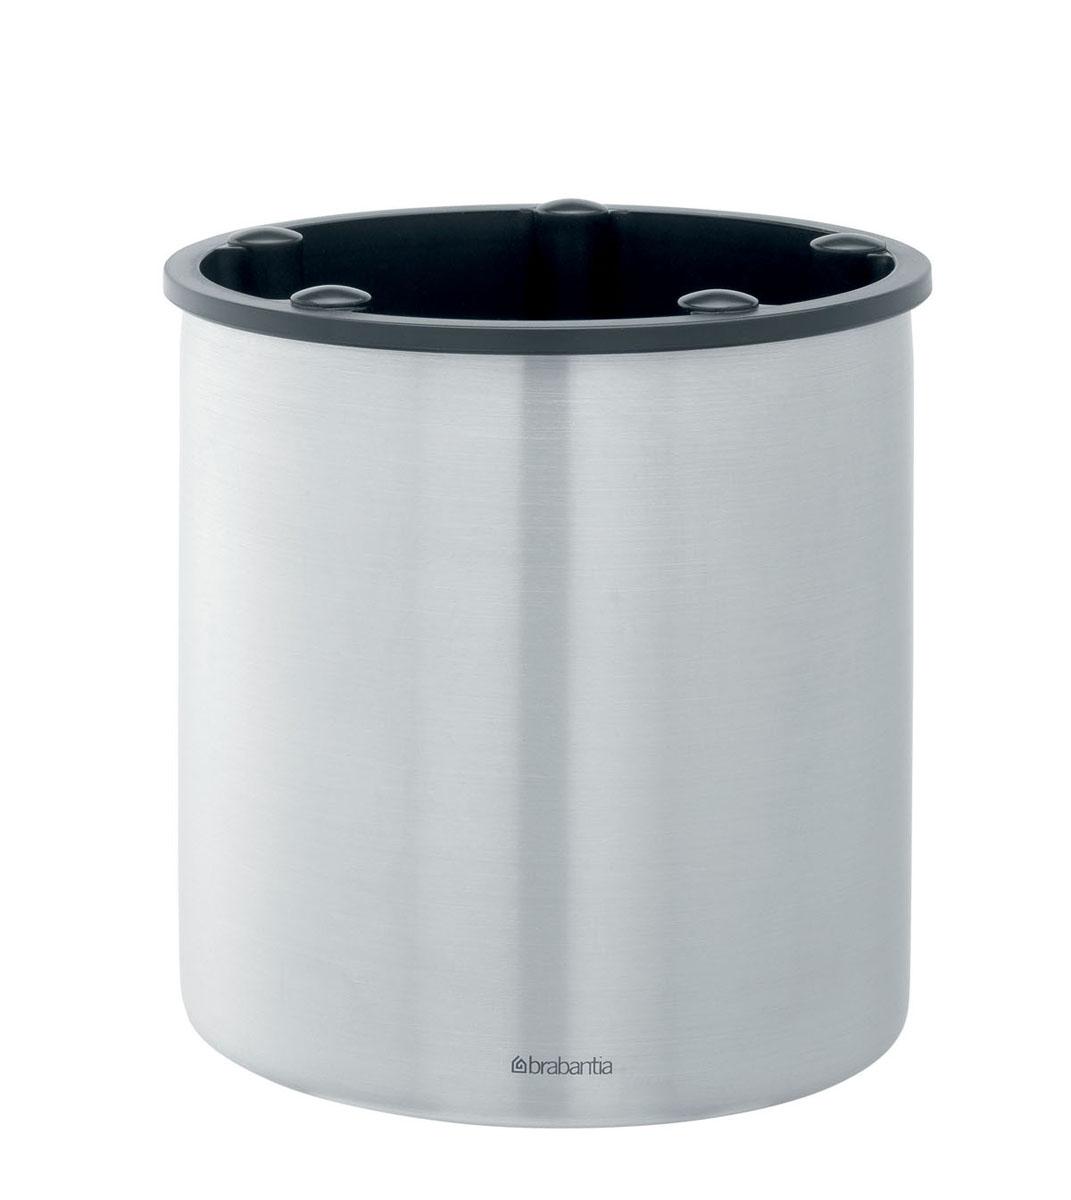 Подставка для кухонных принадлежностей Brabantia, высота 15 см32.02.45-514Подставка для кухонных принадлежностей Brabantia изготовлена из высококачественной нержавеющей стали с матовой полировкой. Внутренняя поверхность пластиковая. Подставка оснащена 5 выемками для отделения приборов друг от друга. В такой подставке можно хранить все столовые приборы, а также кухонные принадлежности, такие как лопатки и половники.Подставка имеет стильный классический дизайн и одинаково хорошо впишется и в современный, и в классический интерьер. Можно мыть в посудомоечной машине. Диаметр подставки (по верхнему краю): 15 см. Высота подставки: 15 см.